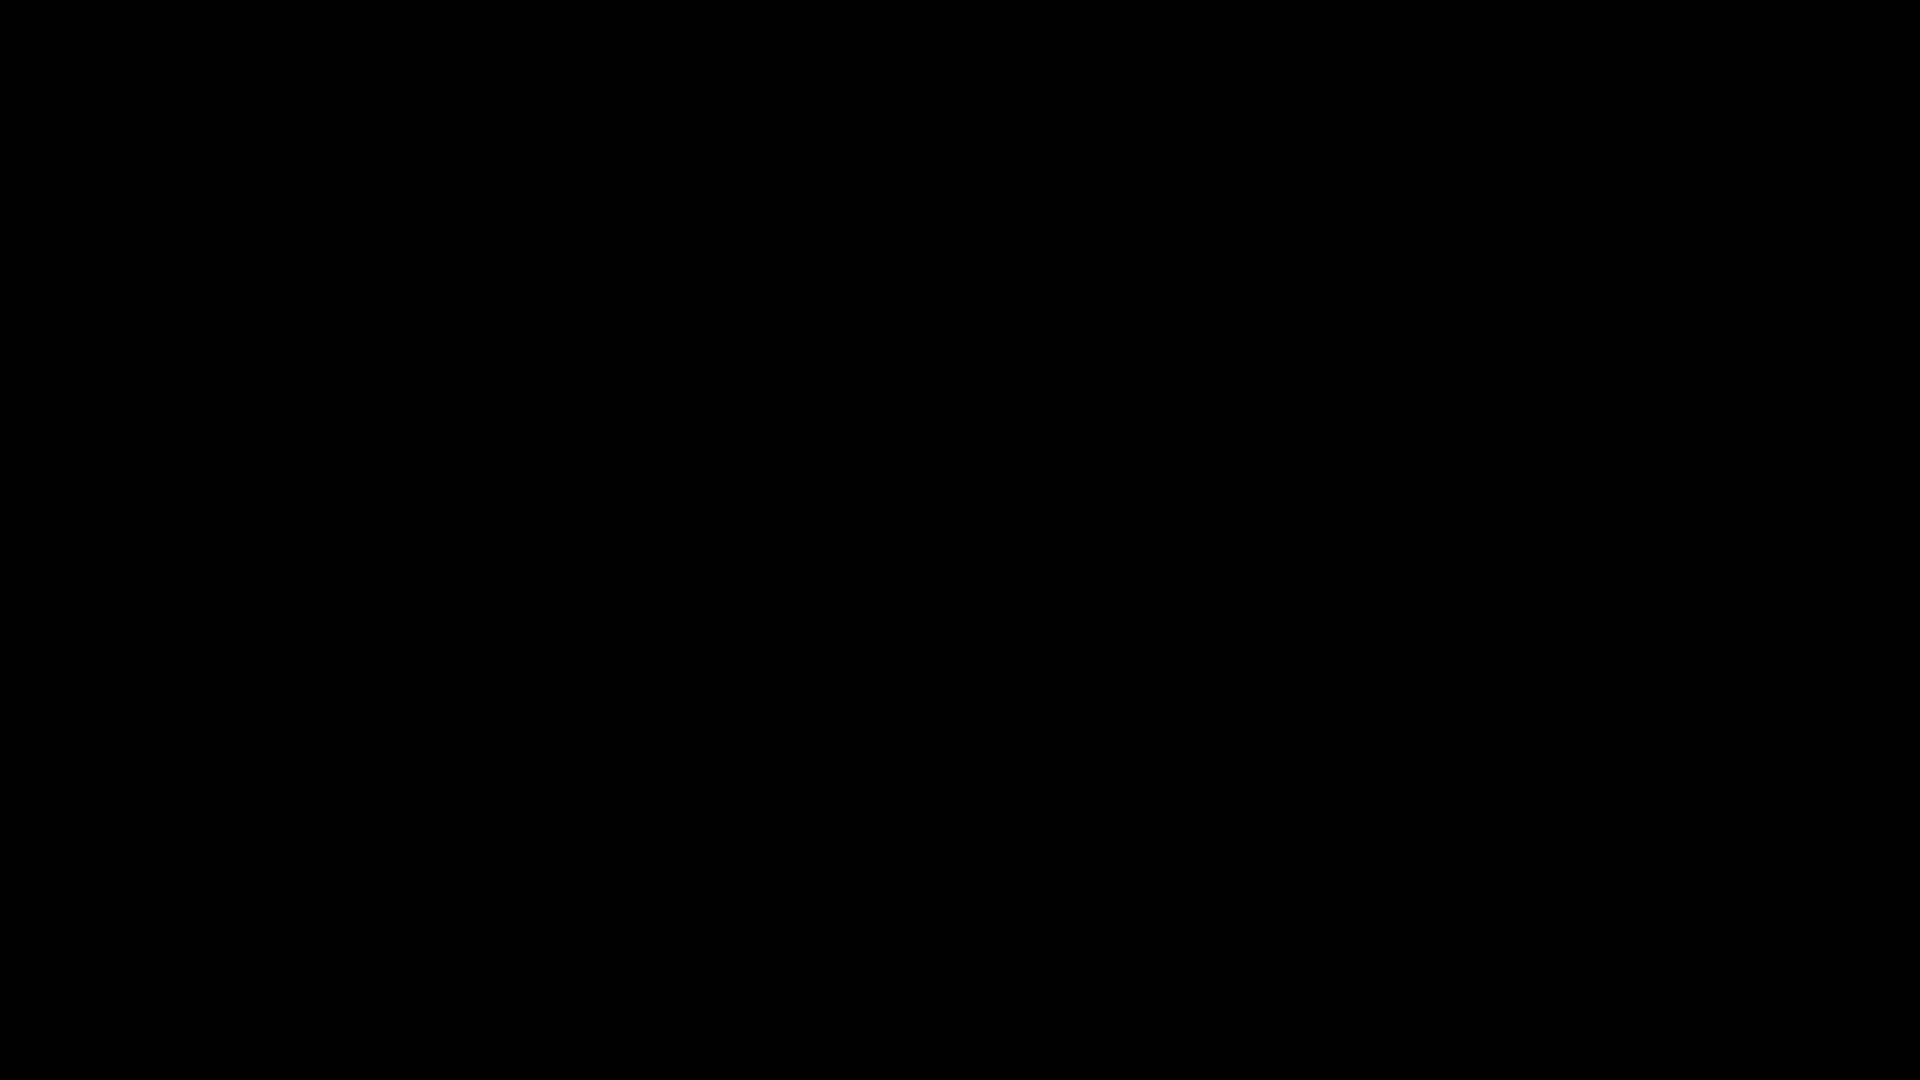 कापी एवं क्लोन ट्रेडमिल मोटर नियंत्रक बोर्ड